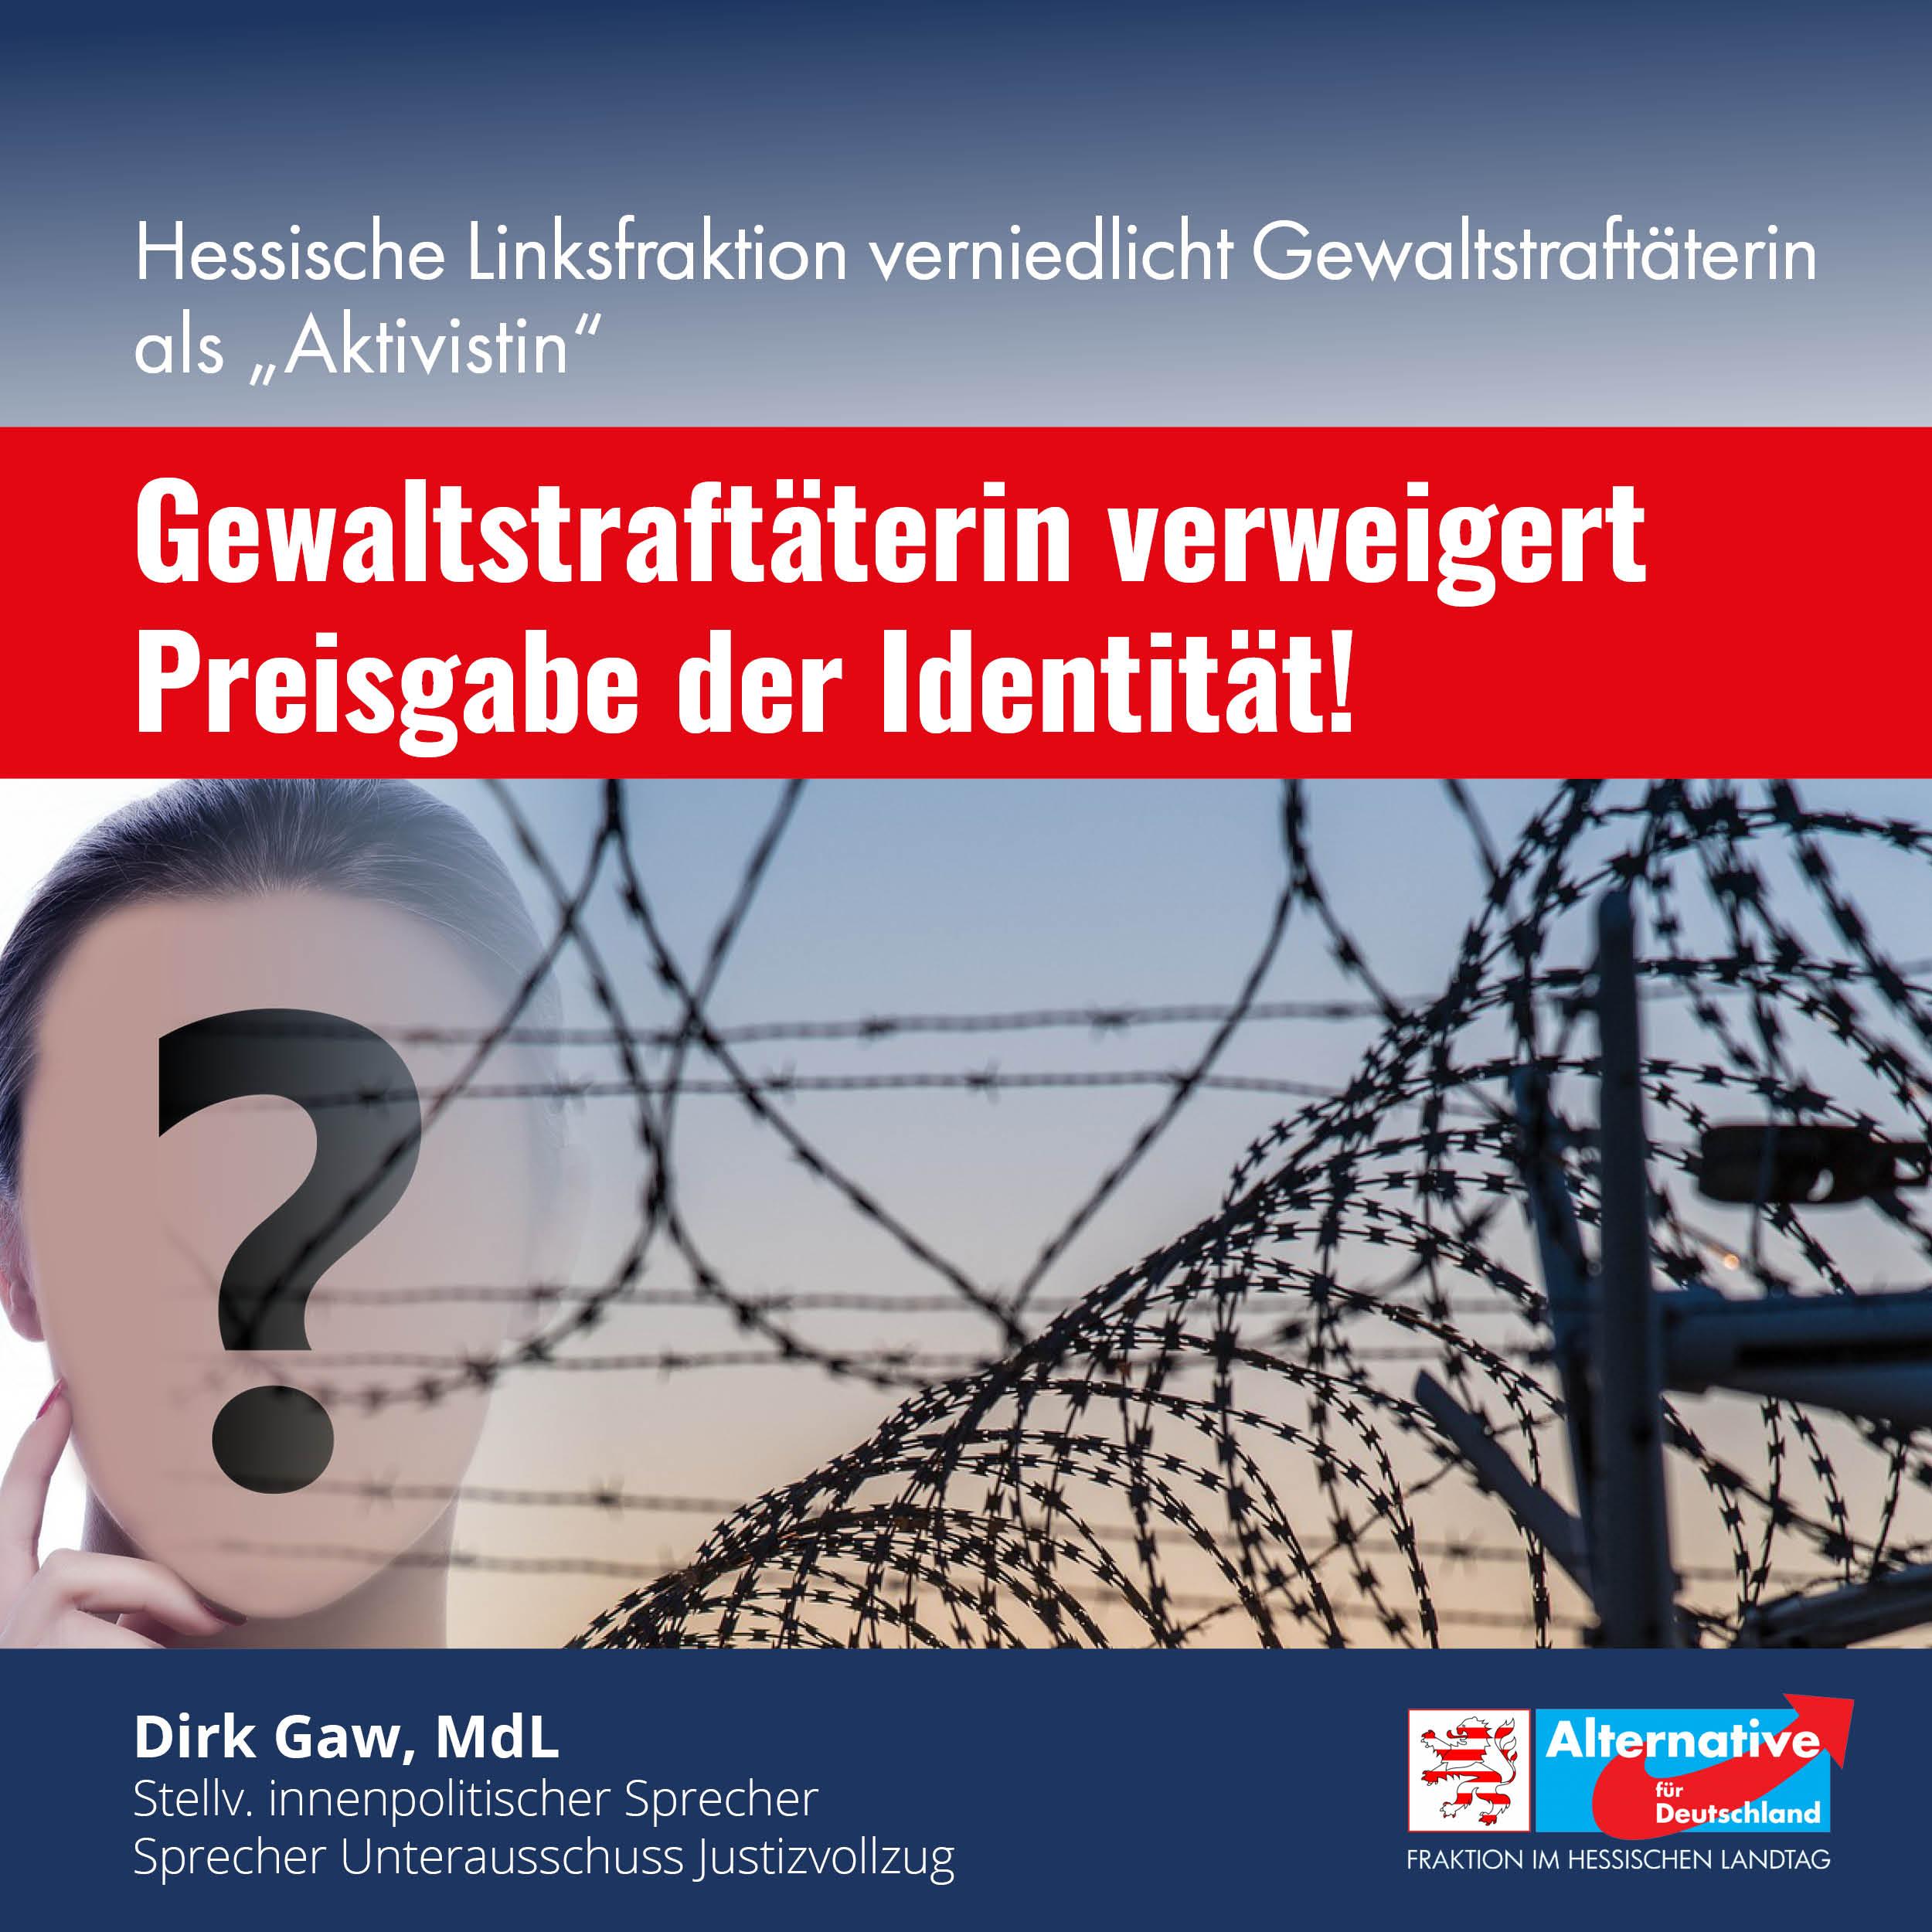 """Hessische Linksfraktion bezeichnet inhaftierte Gewaltstraftäterin verniedlichend als """"Aktivistin"""""""